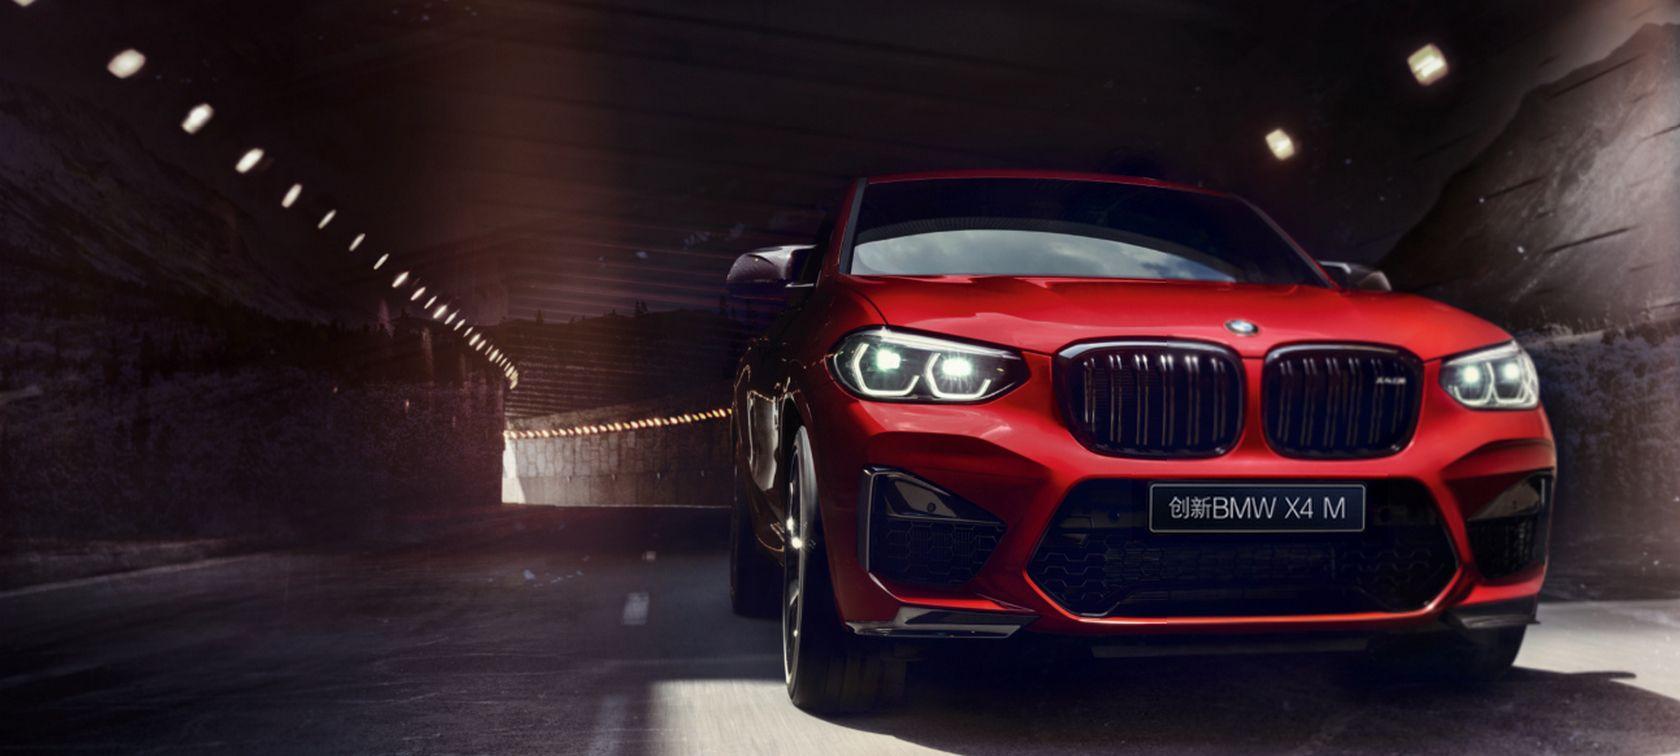 创新BMW X4 M势燃情 创新体验任游走